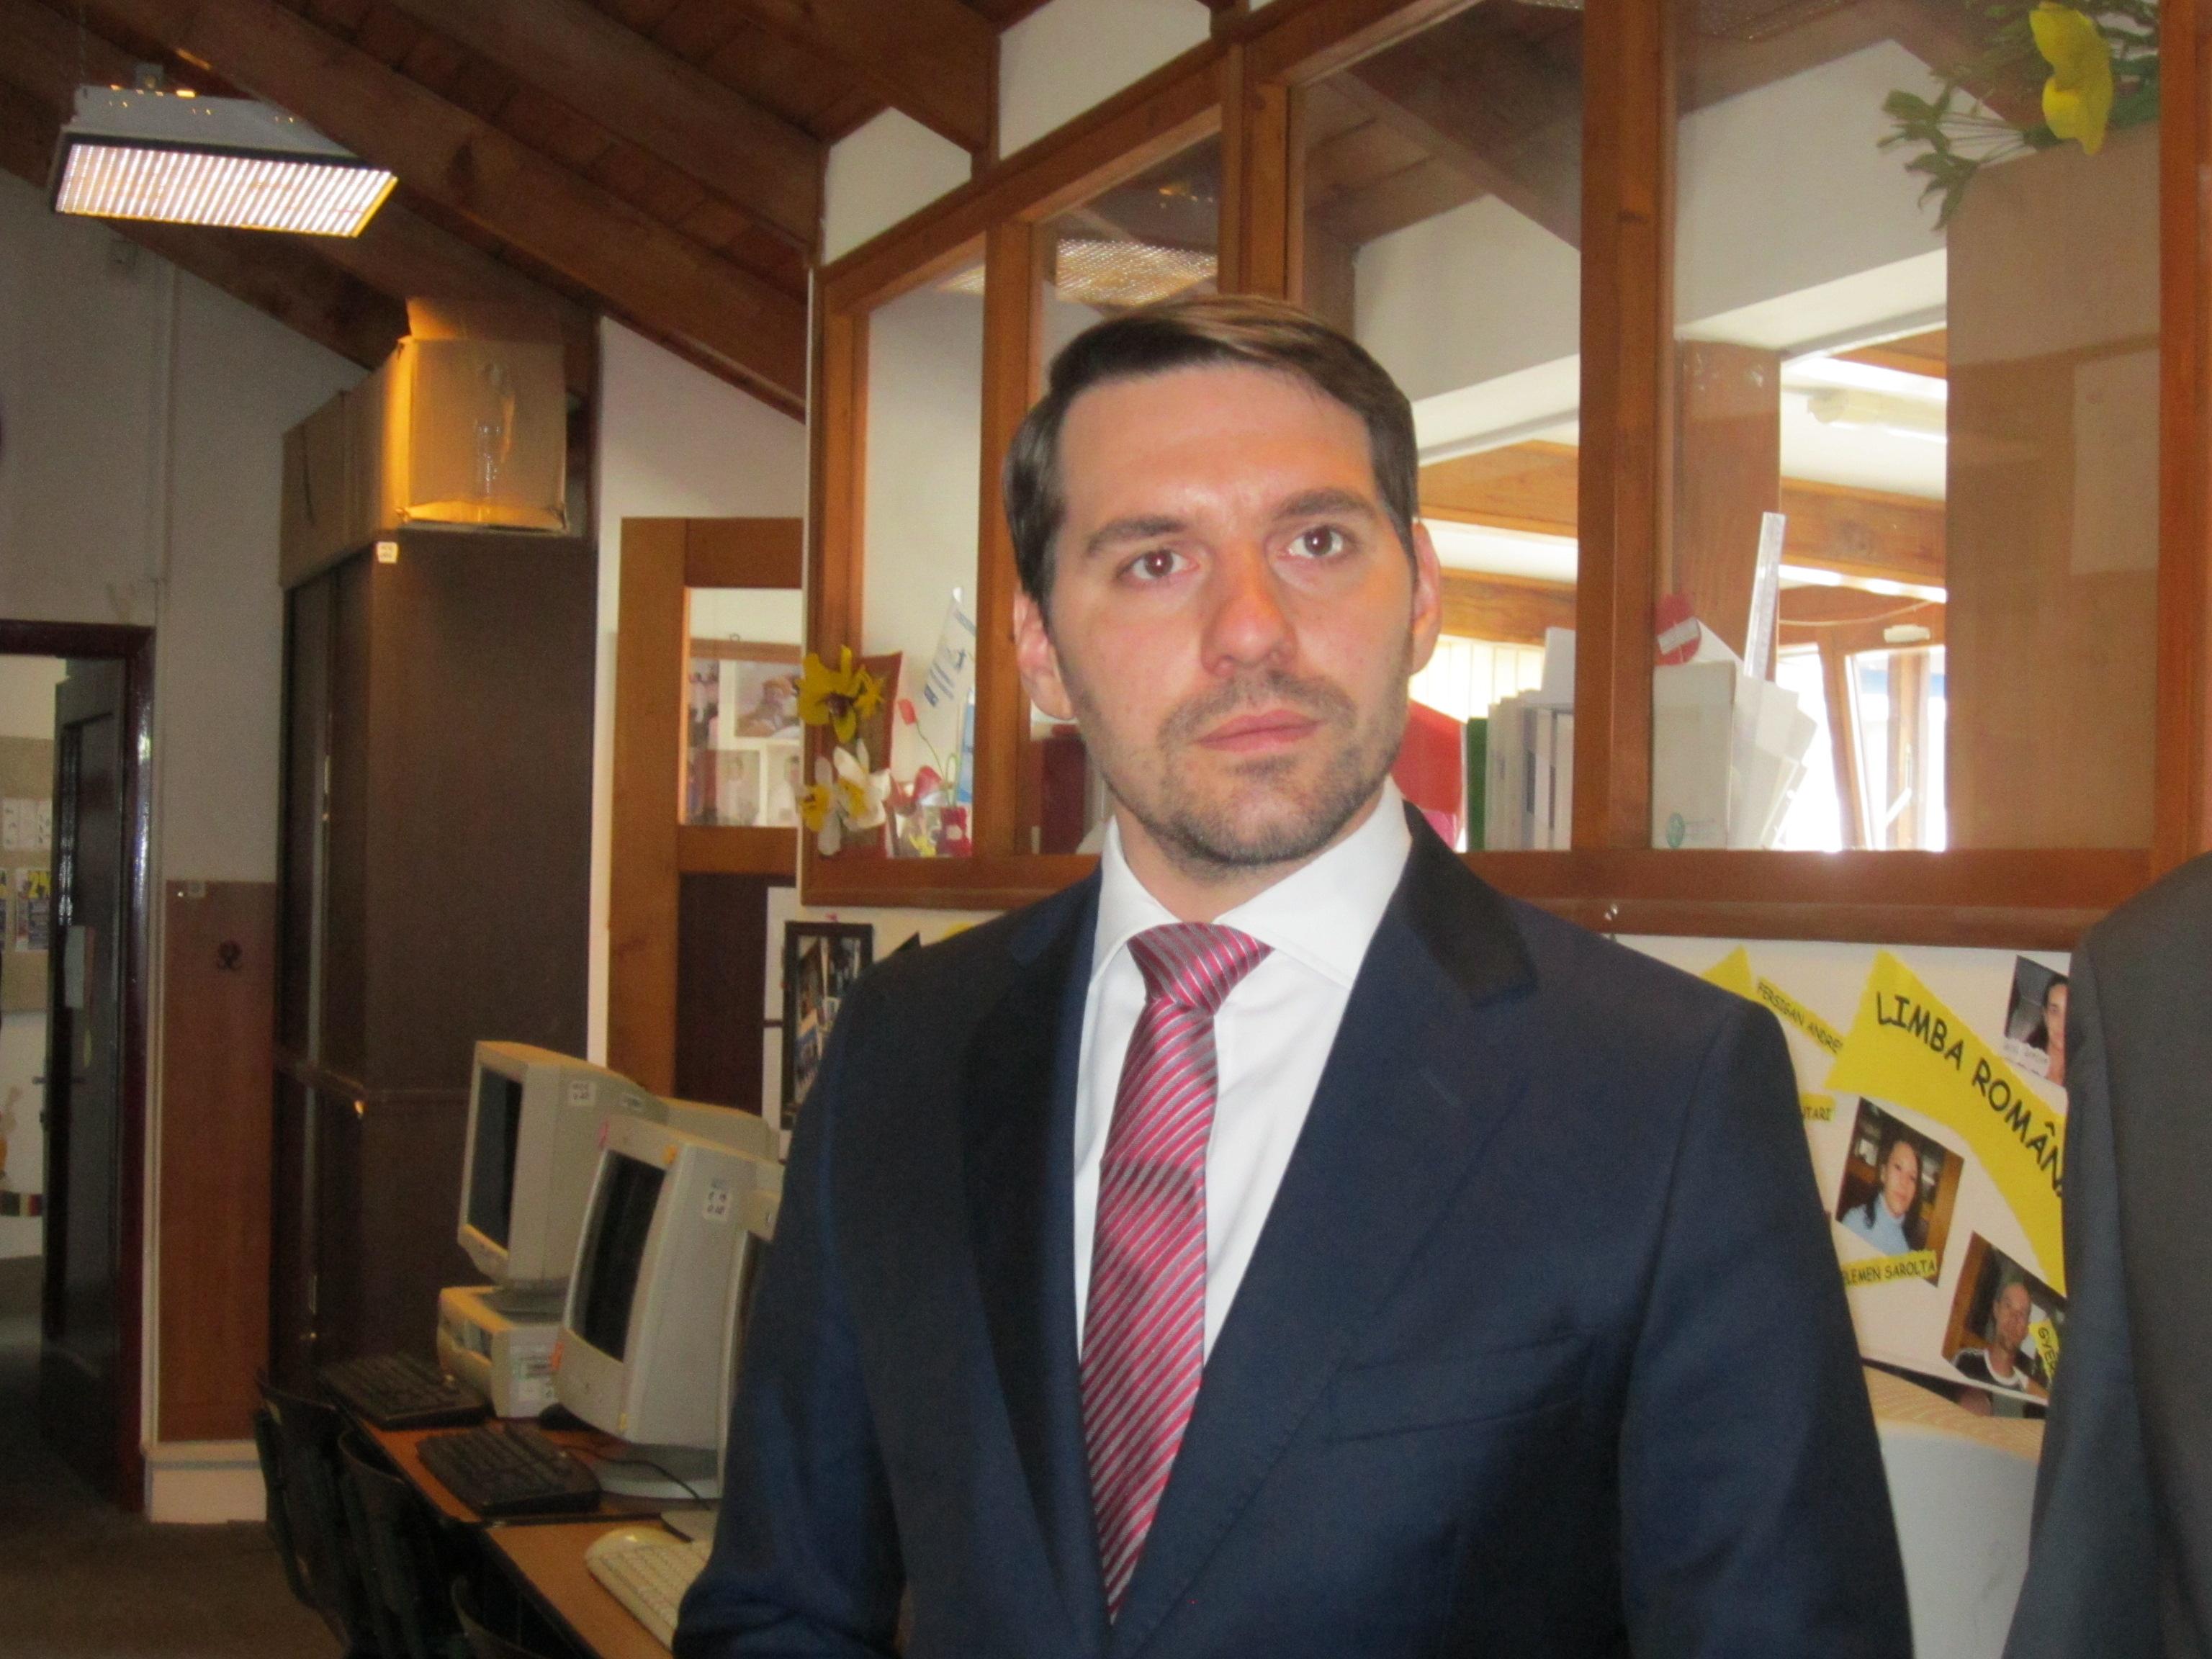 Principele Nicolae al României va fi voluntar la Fundaţia Alpha Transilvană din Tîrgu-Mureş